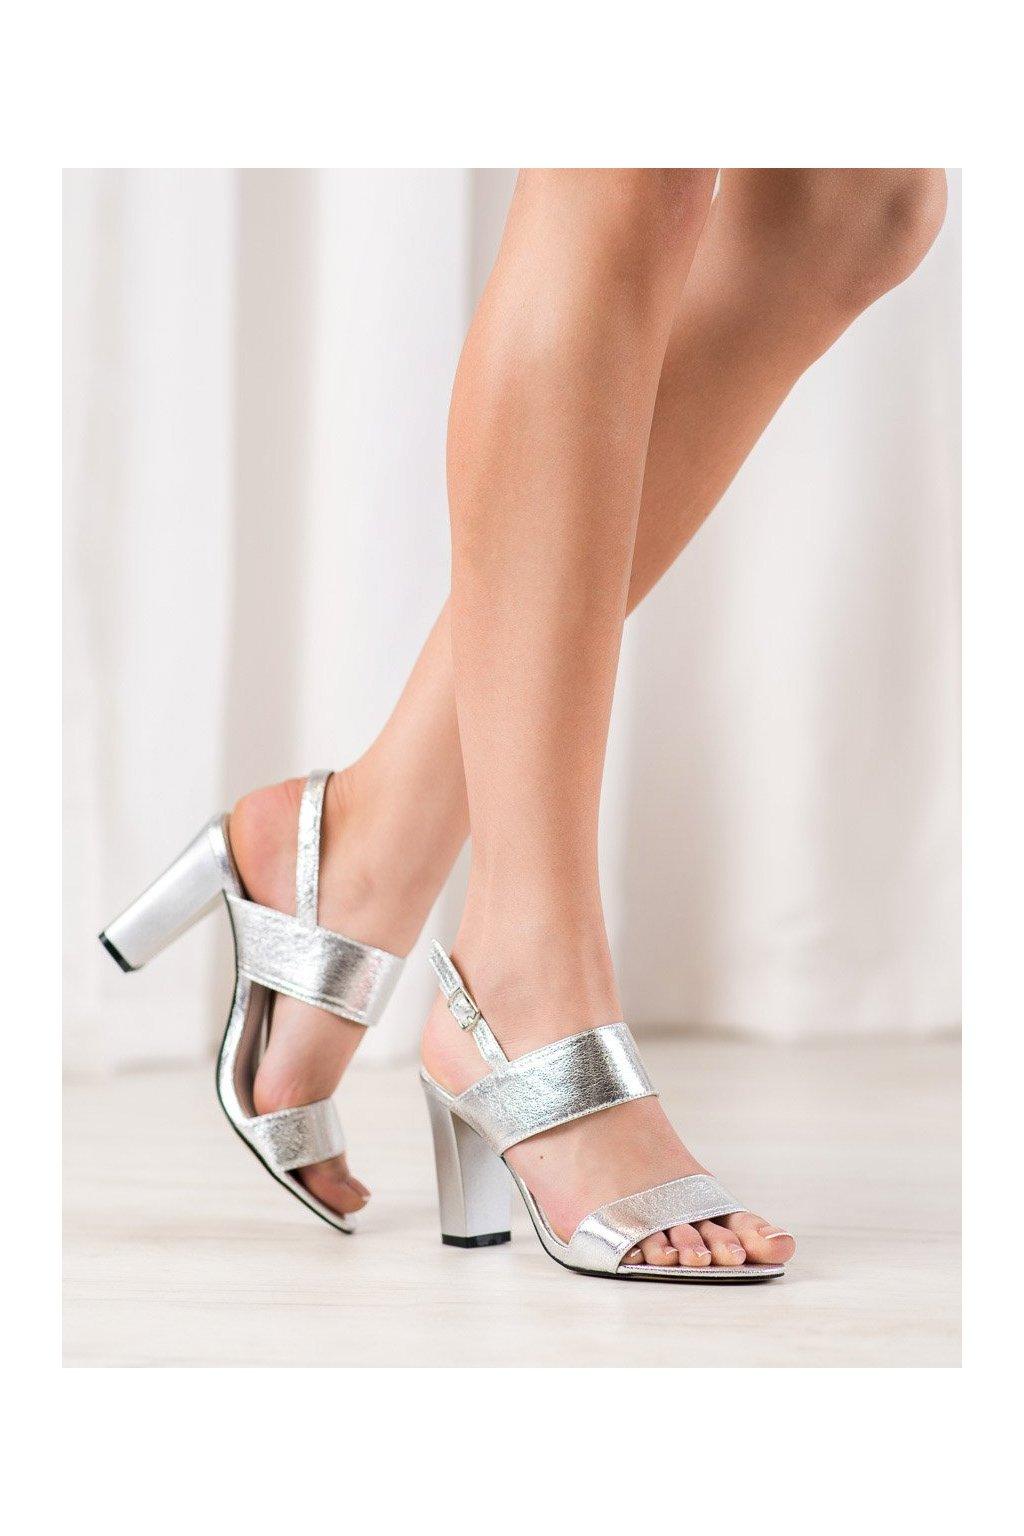 Sivé sandále Goodin kod FL142B-S